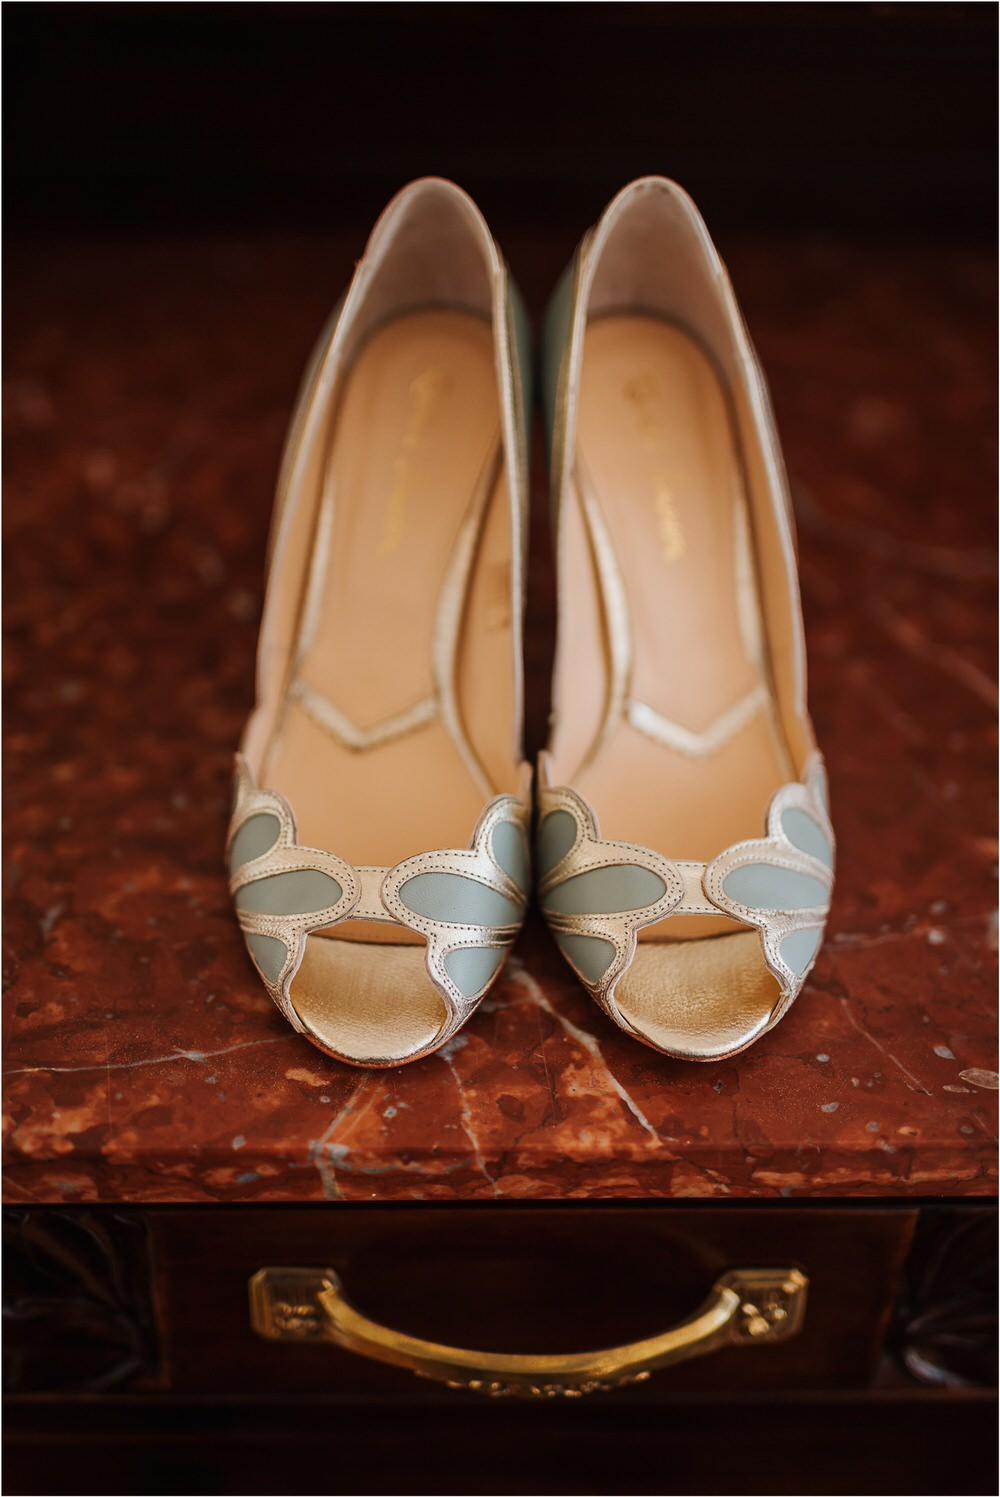 trippelgut kaernten oesterreich hochzeit fotograf phtoographer austria elegant wedding hochzeitsfotograf hochzeitsfotografie 0006.jpg